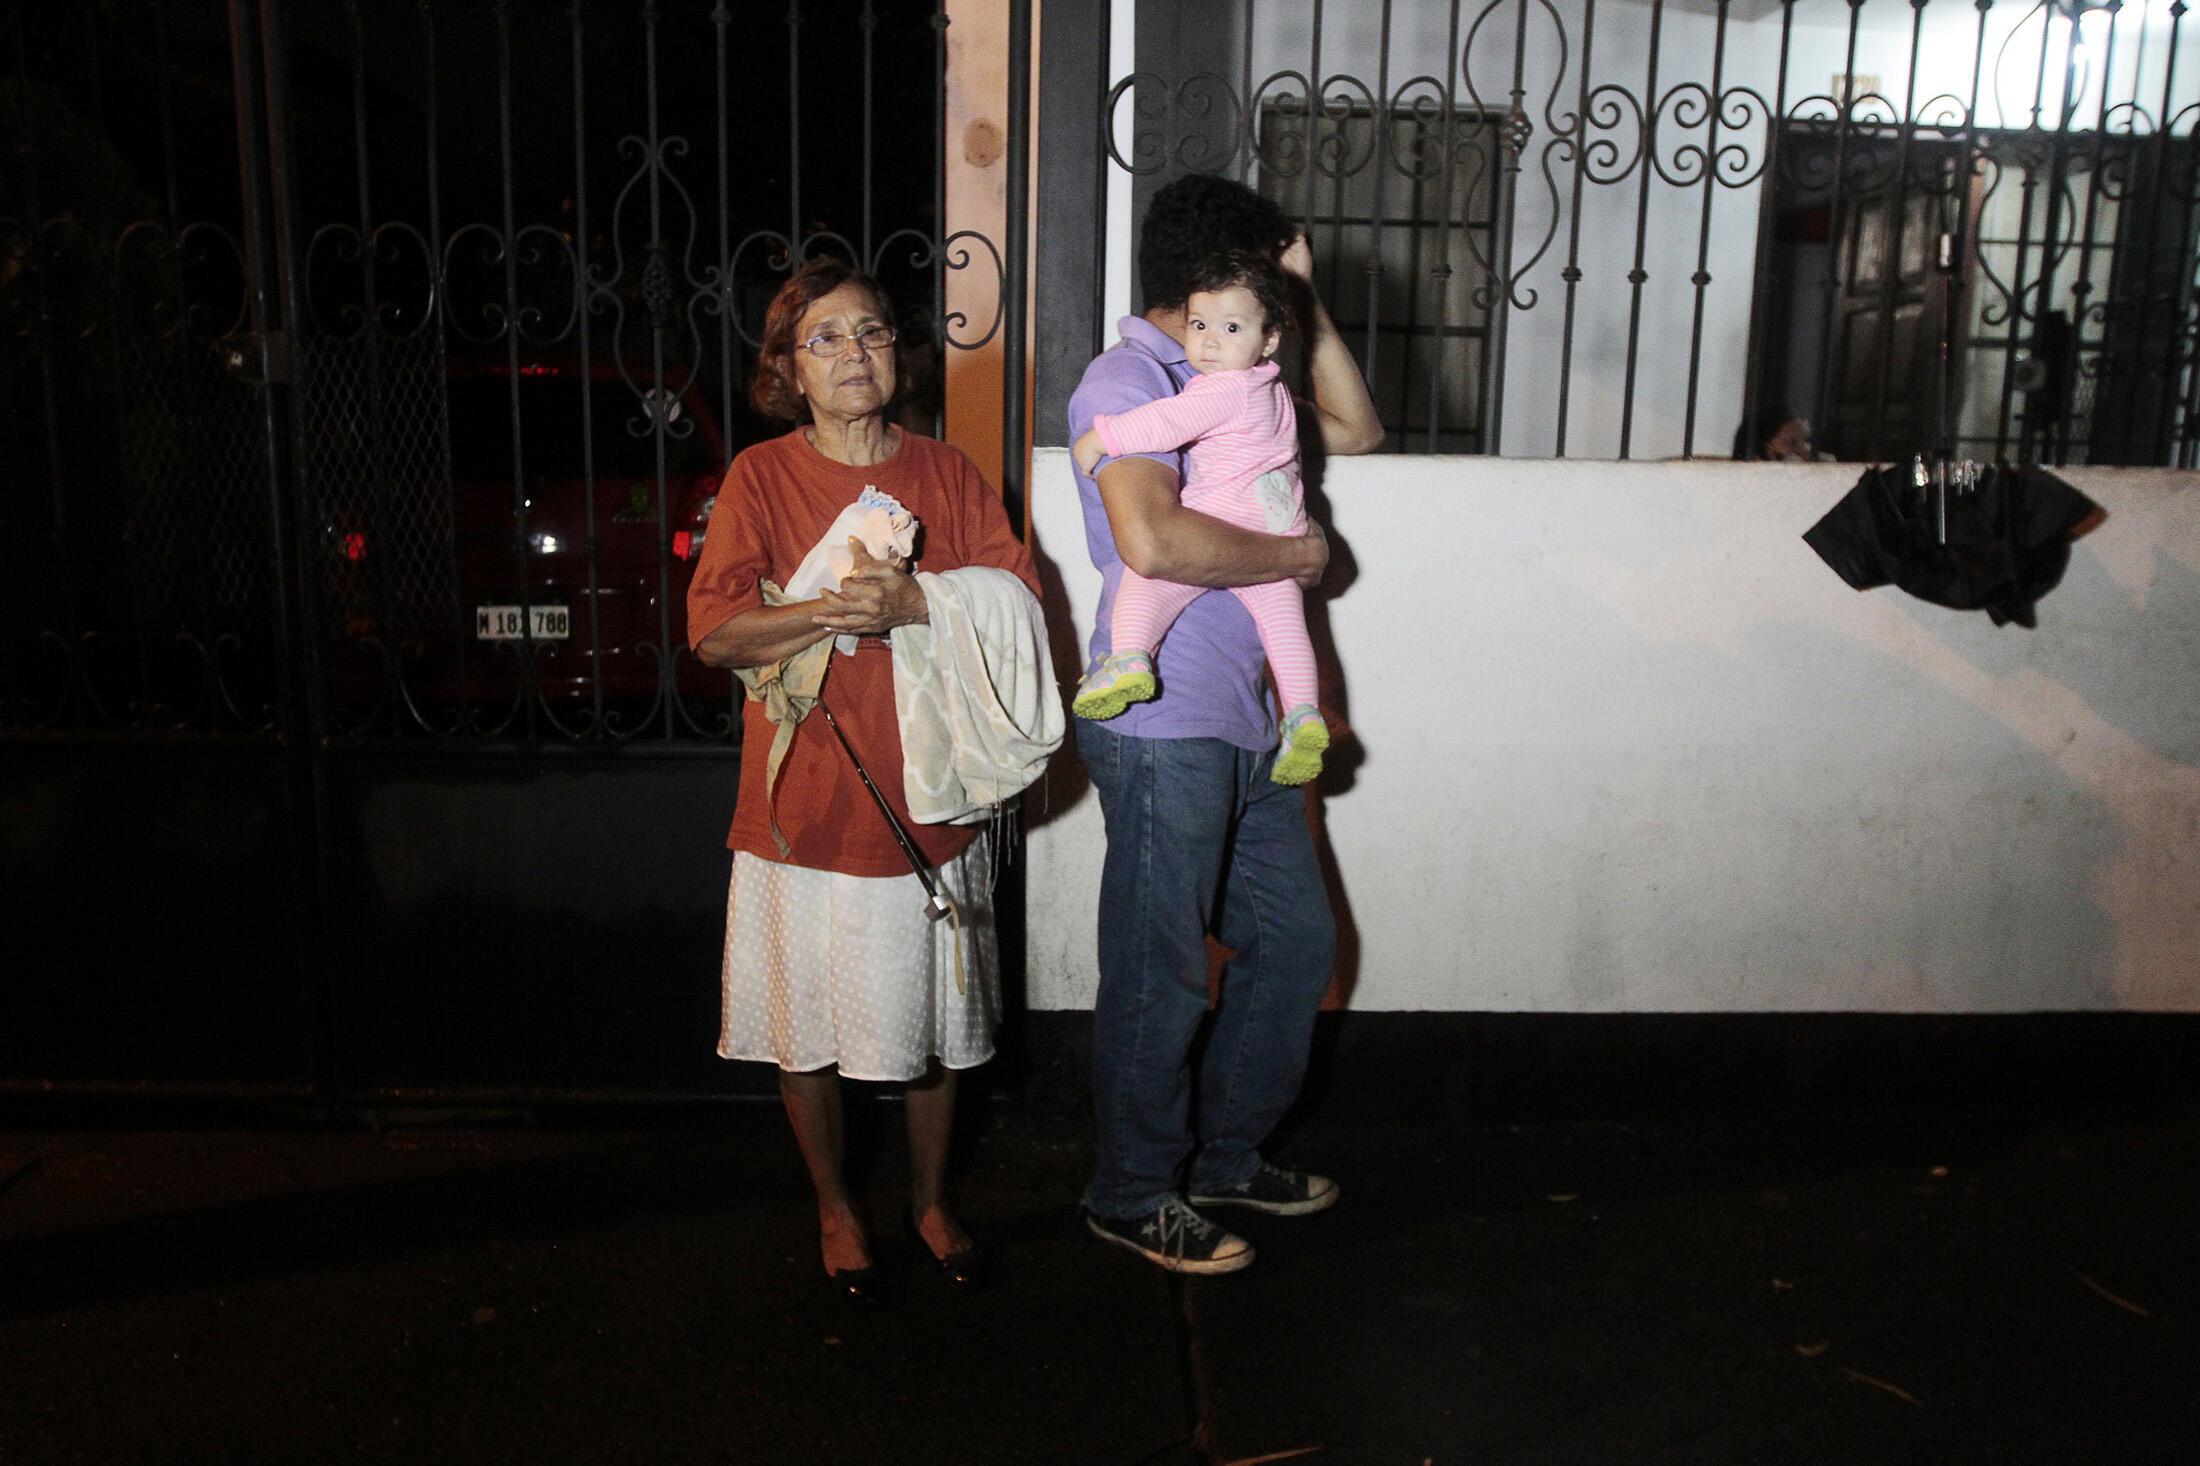 Moradores de Manágua, capital da Nicarágua, foram para a rua, após o terremoto que sacudiu vários países da América Central na noite de segunda-feira (13).